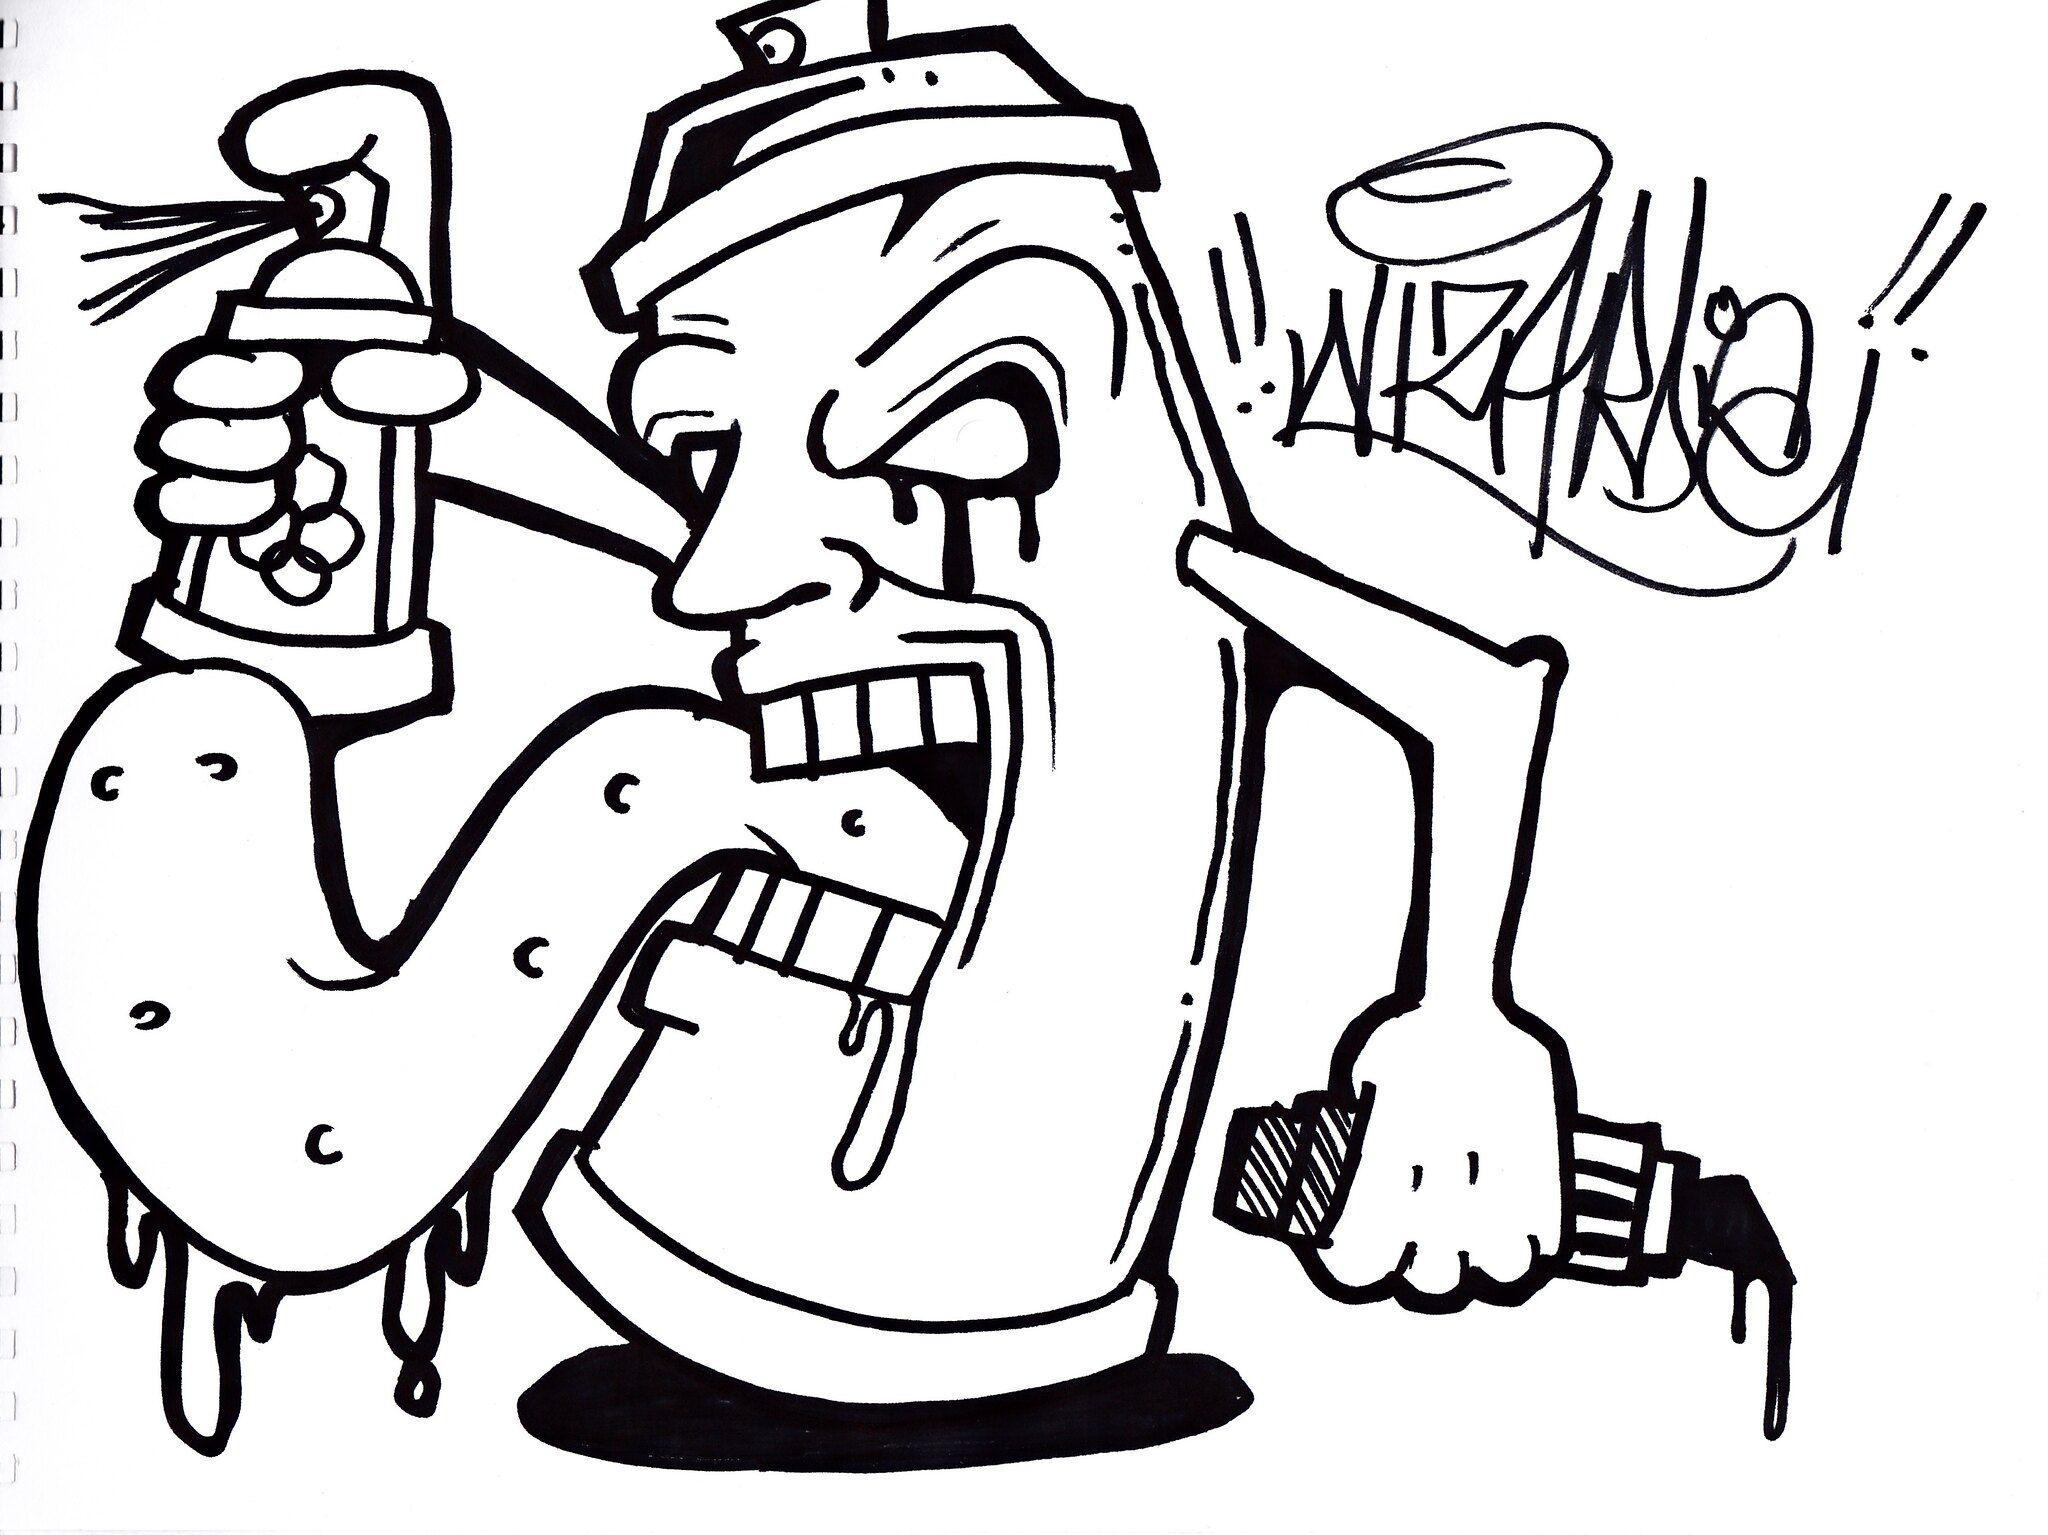 Graffiti Spraycan Graffiti Drawing Graffiti Doodles Easy Graffiti